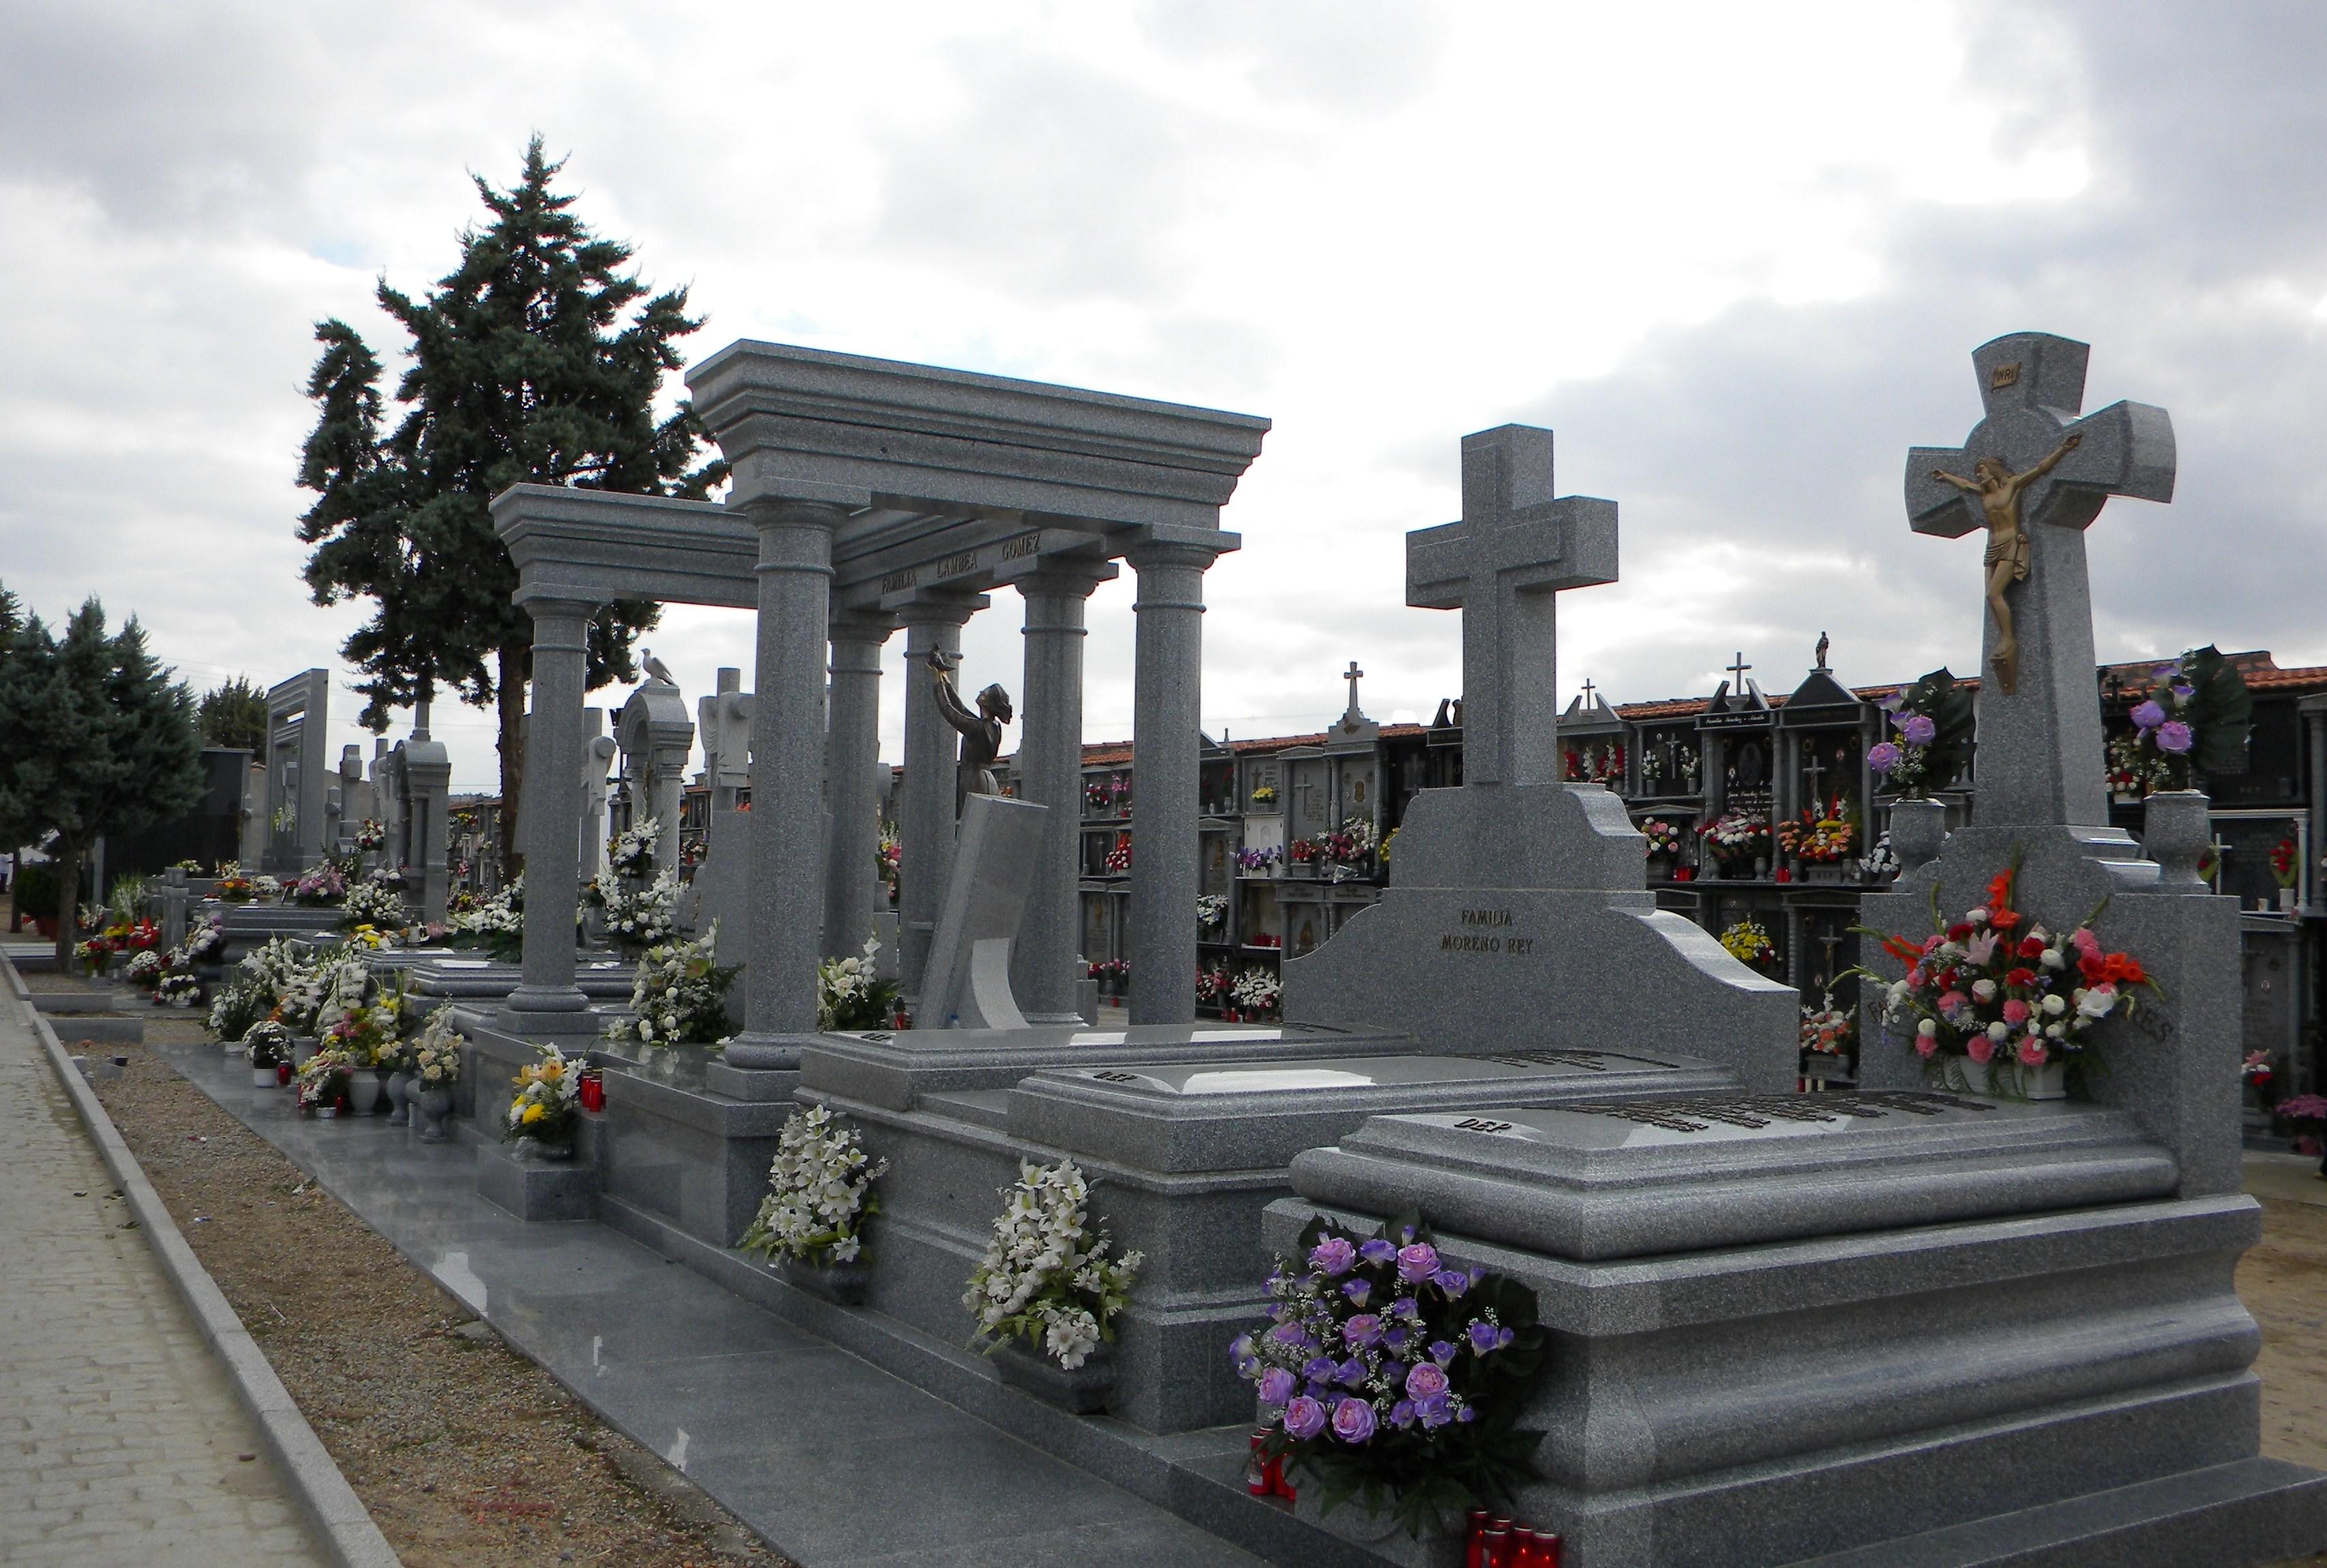 Aut nticos monumentos a los seres queridos for Piscina quintana de la serena